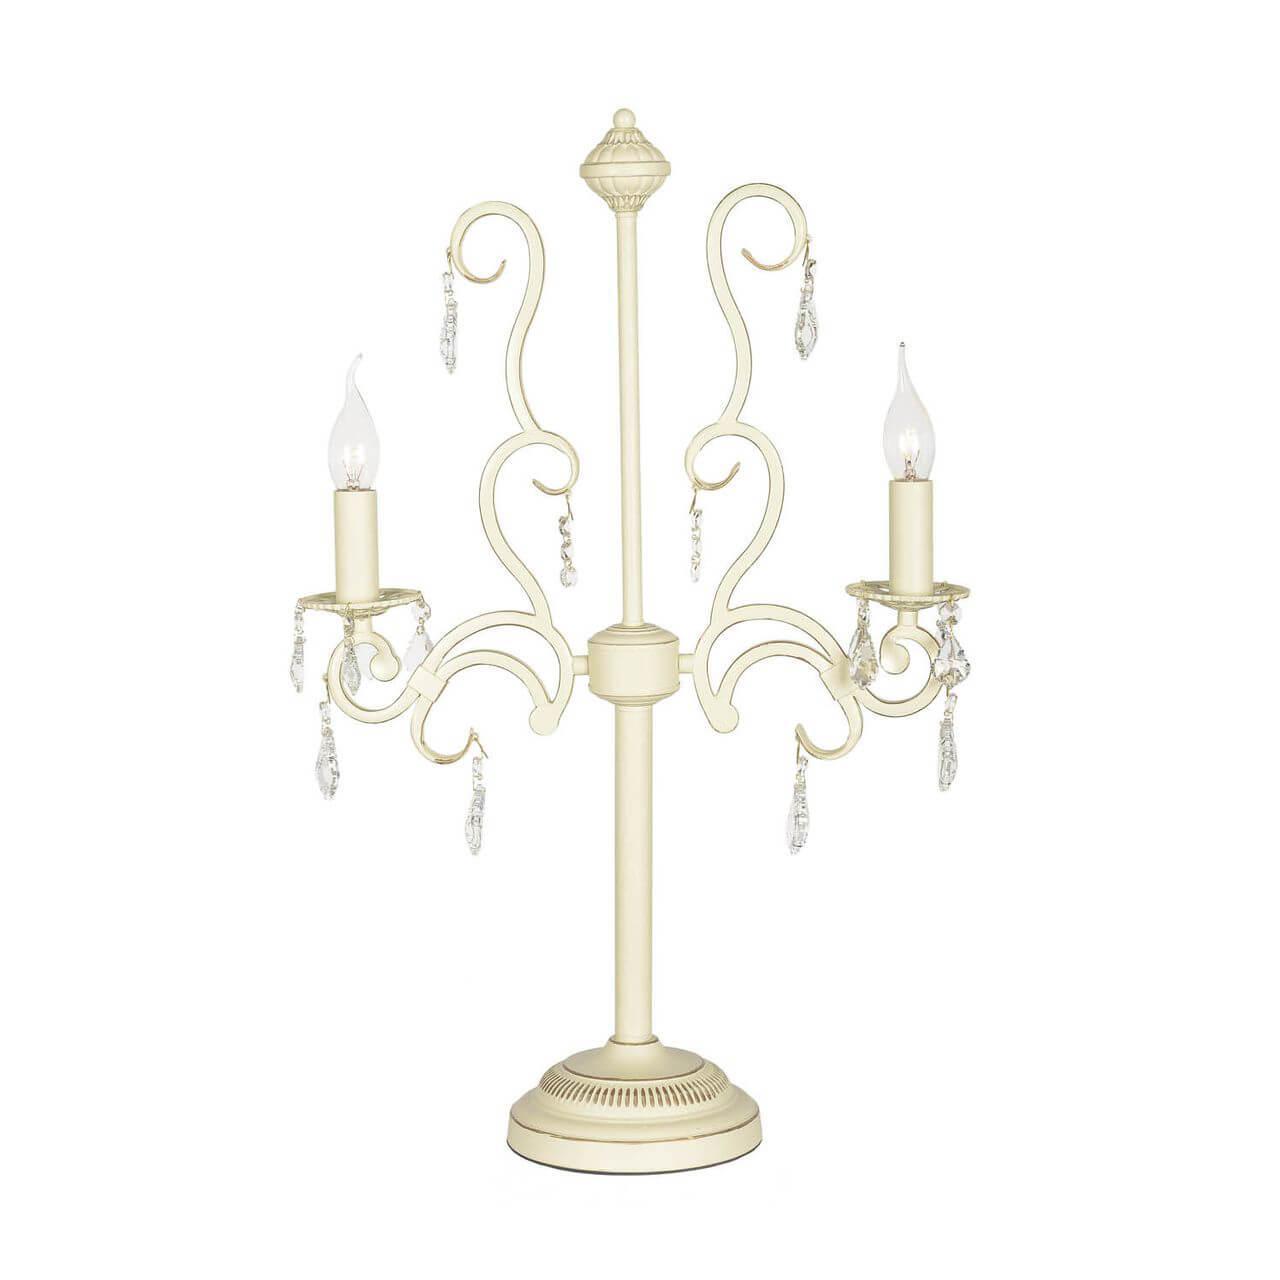 Фото Настольная лампа декоративная Gioia E 4.2.602 CG